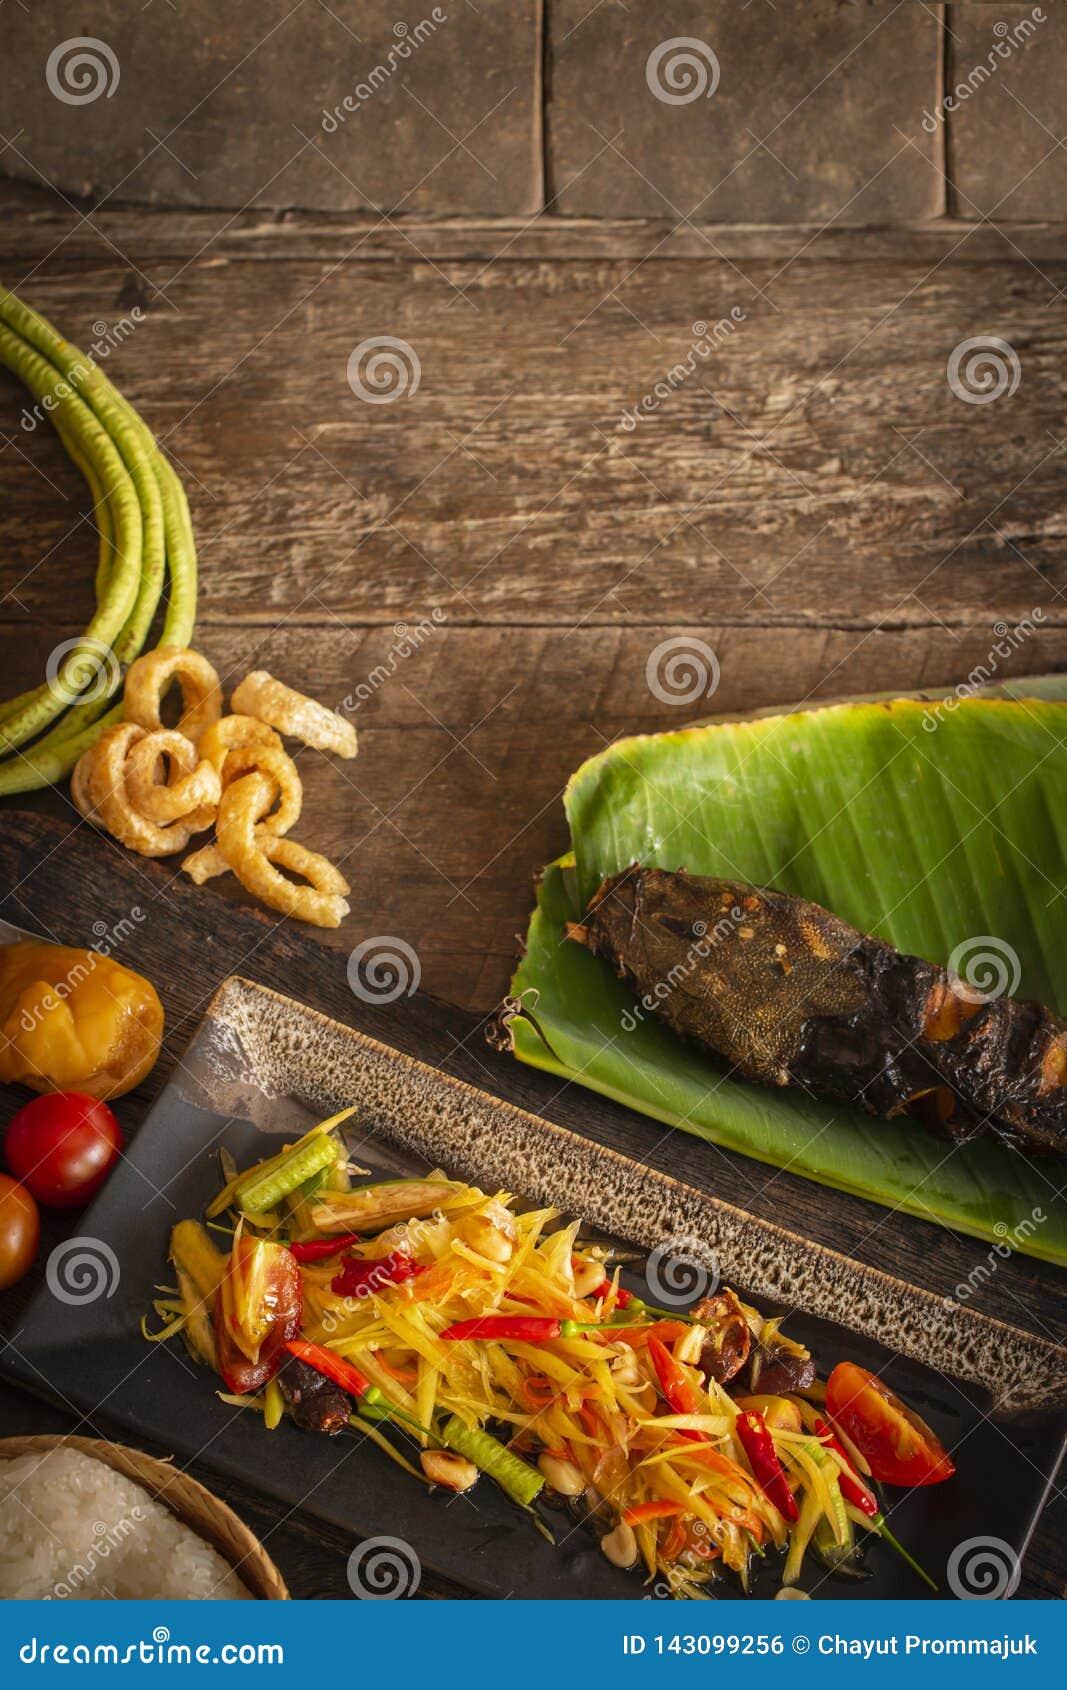 Тайцы животика сома салата папапайи на квадратной черной плите помещенной на деревянной таблице там длинная фасоль, сахар ладони,